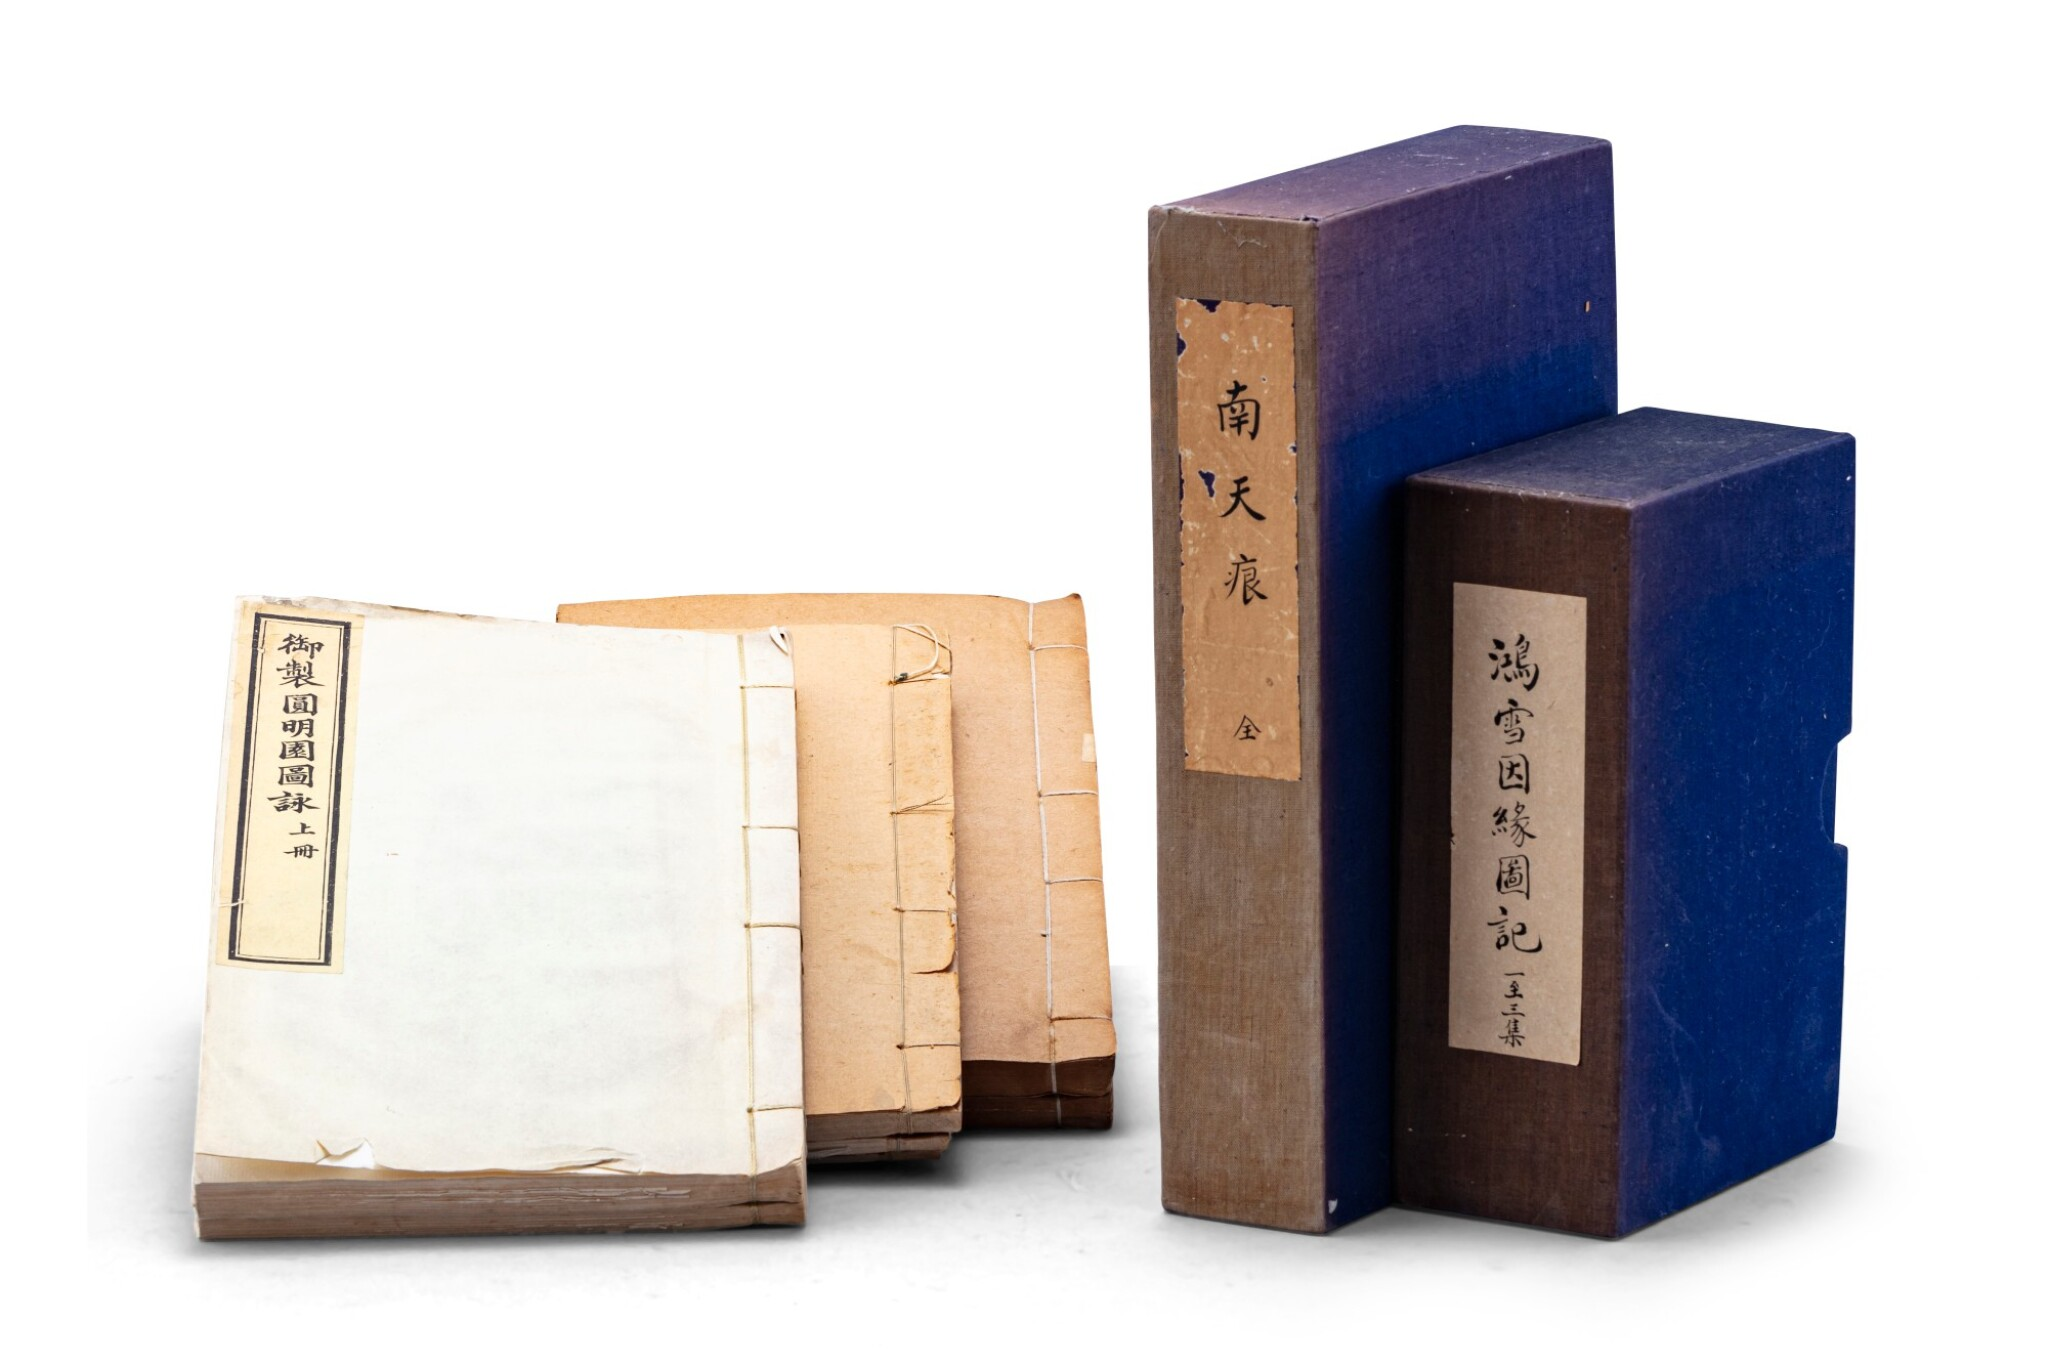 View 1 of Lot 141. Ensemble de cinq ouvrages | 書籍五套 | A group of five books.